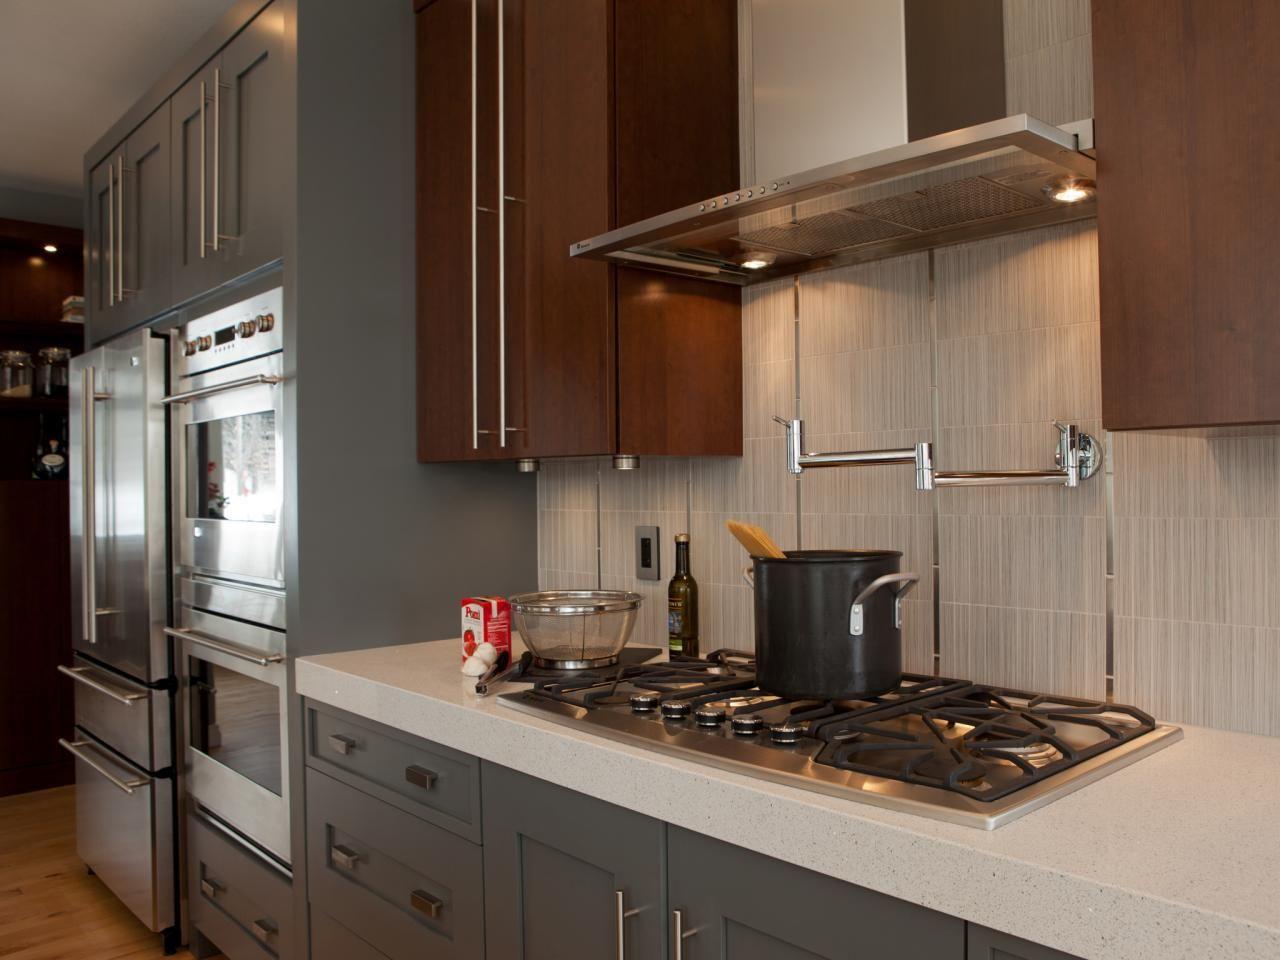 Kitchen Backsplash Stainless Steel Ideas Part - 50: 20 Stainless Steel Kitchen Backsplashes